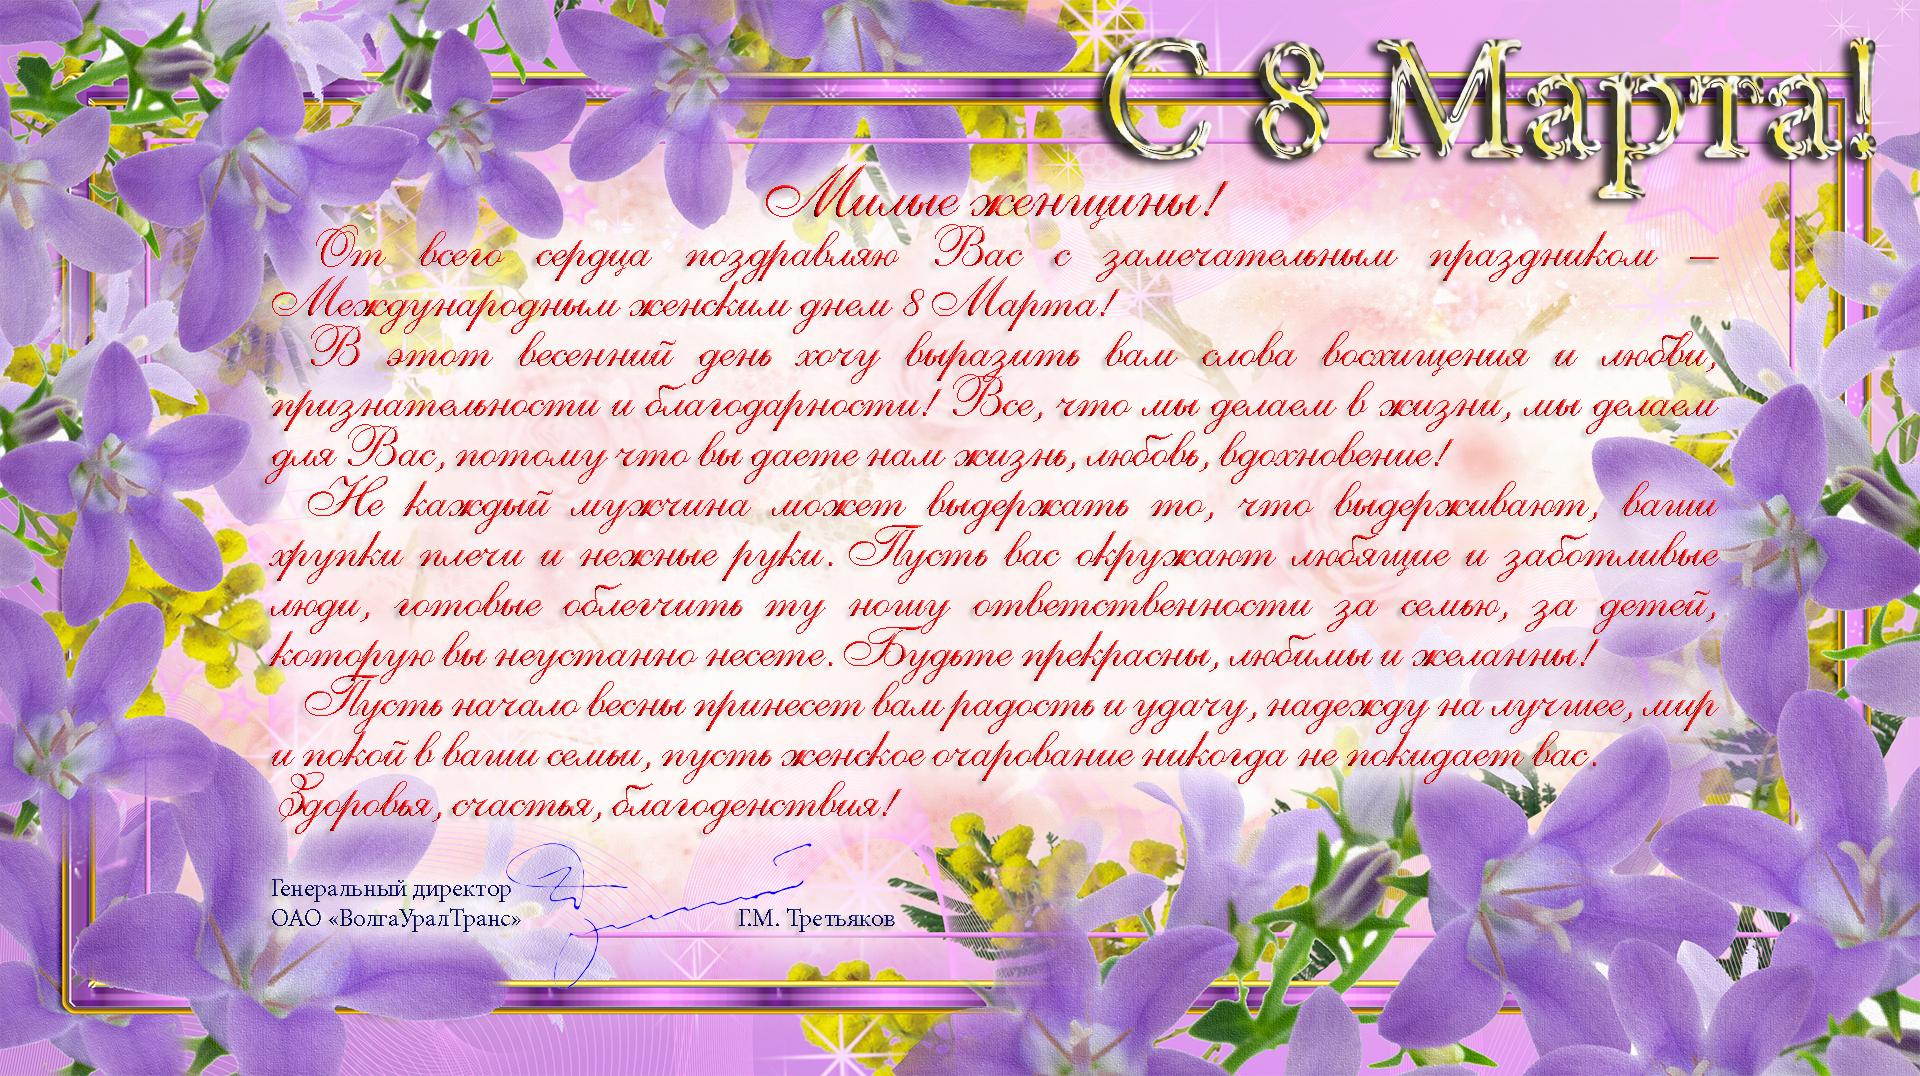 Поздравления 8 марта руководителем